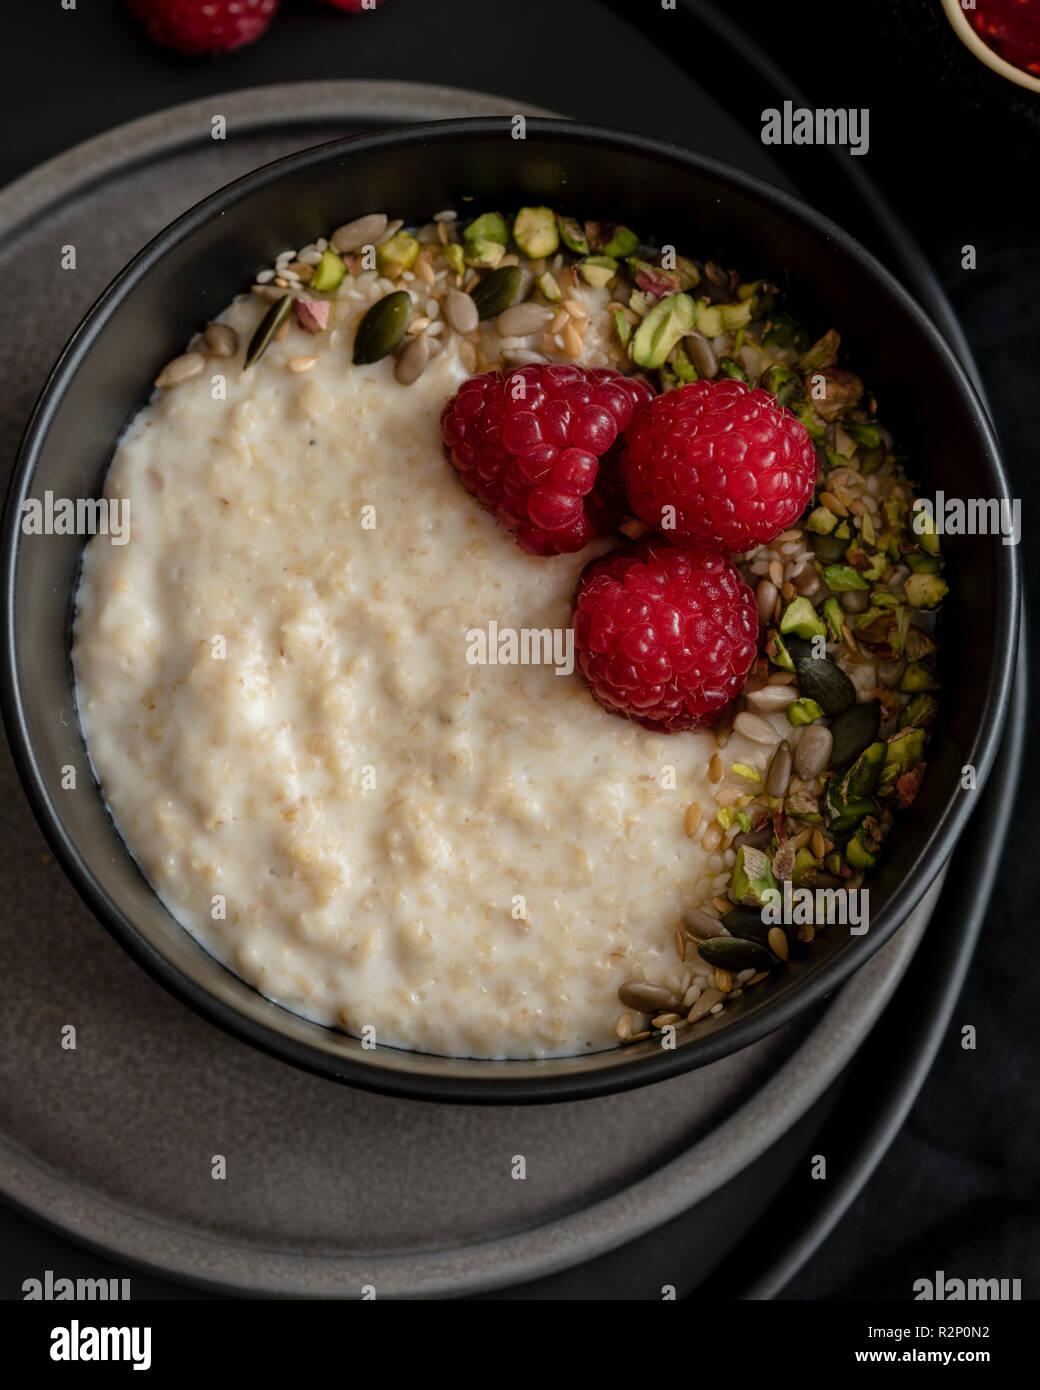 Porridge with fresh raspberries and pistachio nuts - Stock Image